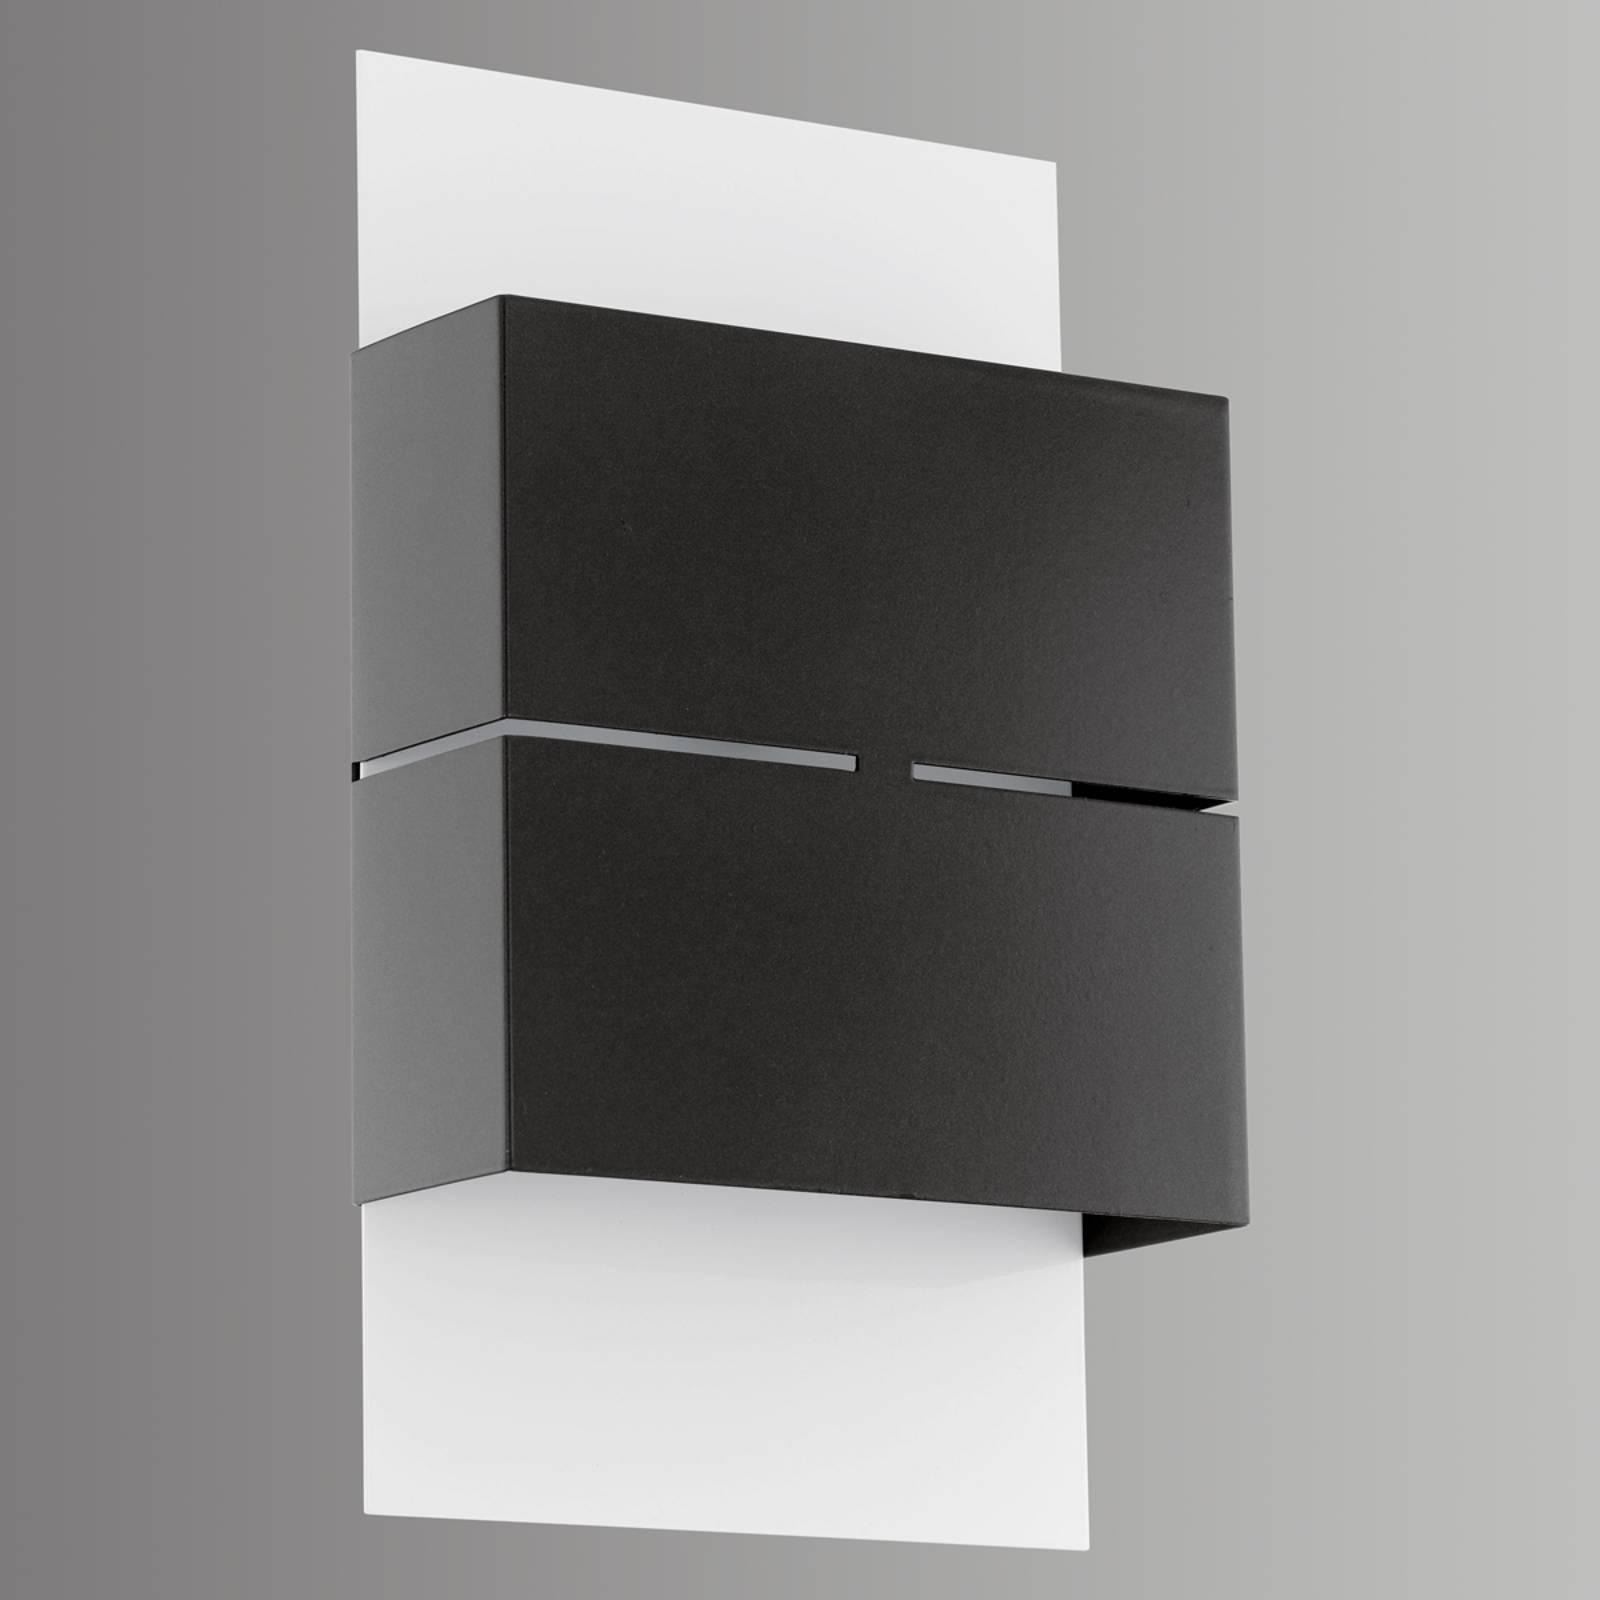 Applique extérieure LED au design moderne Kibea